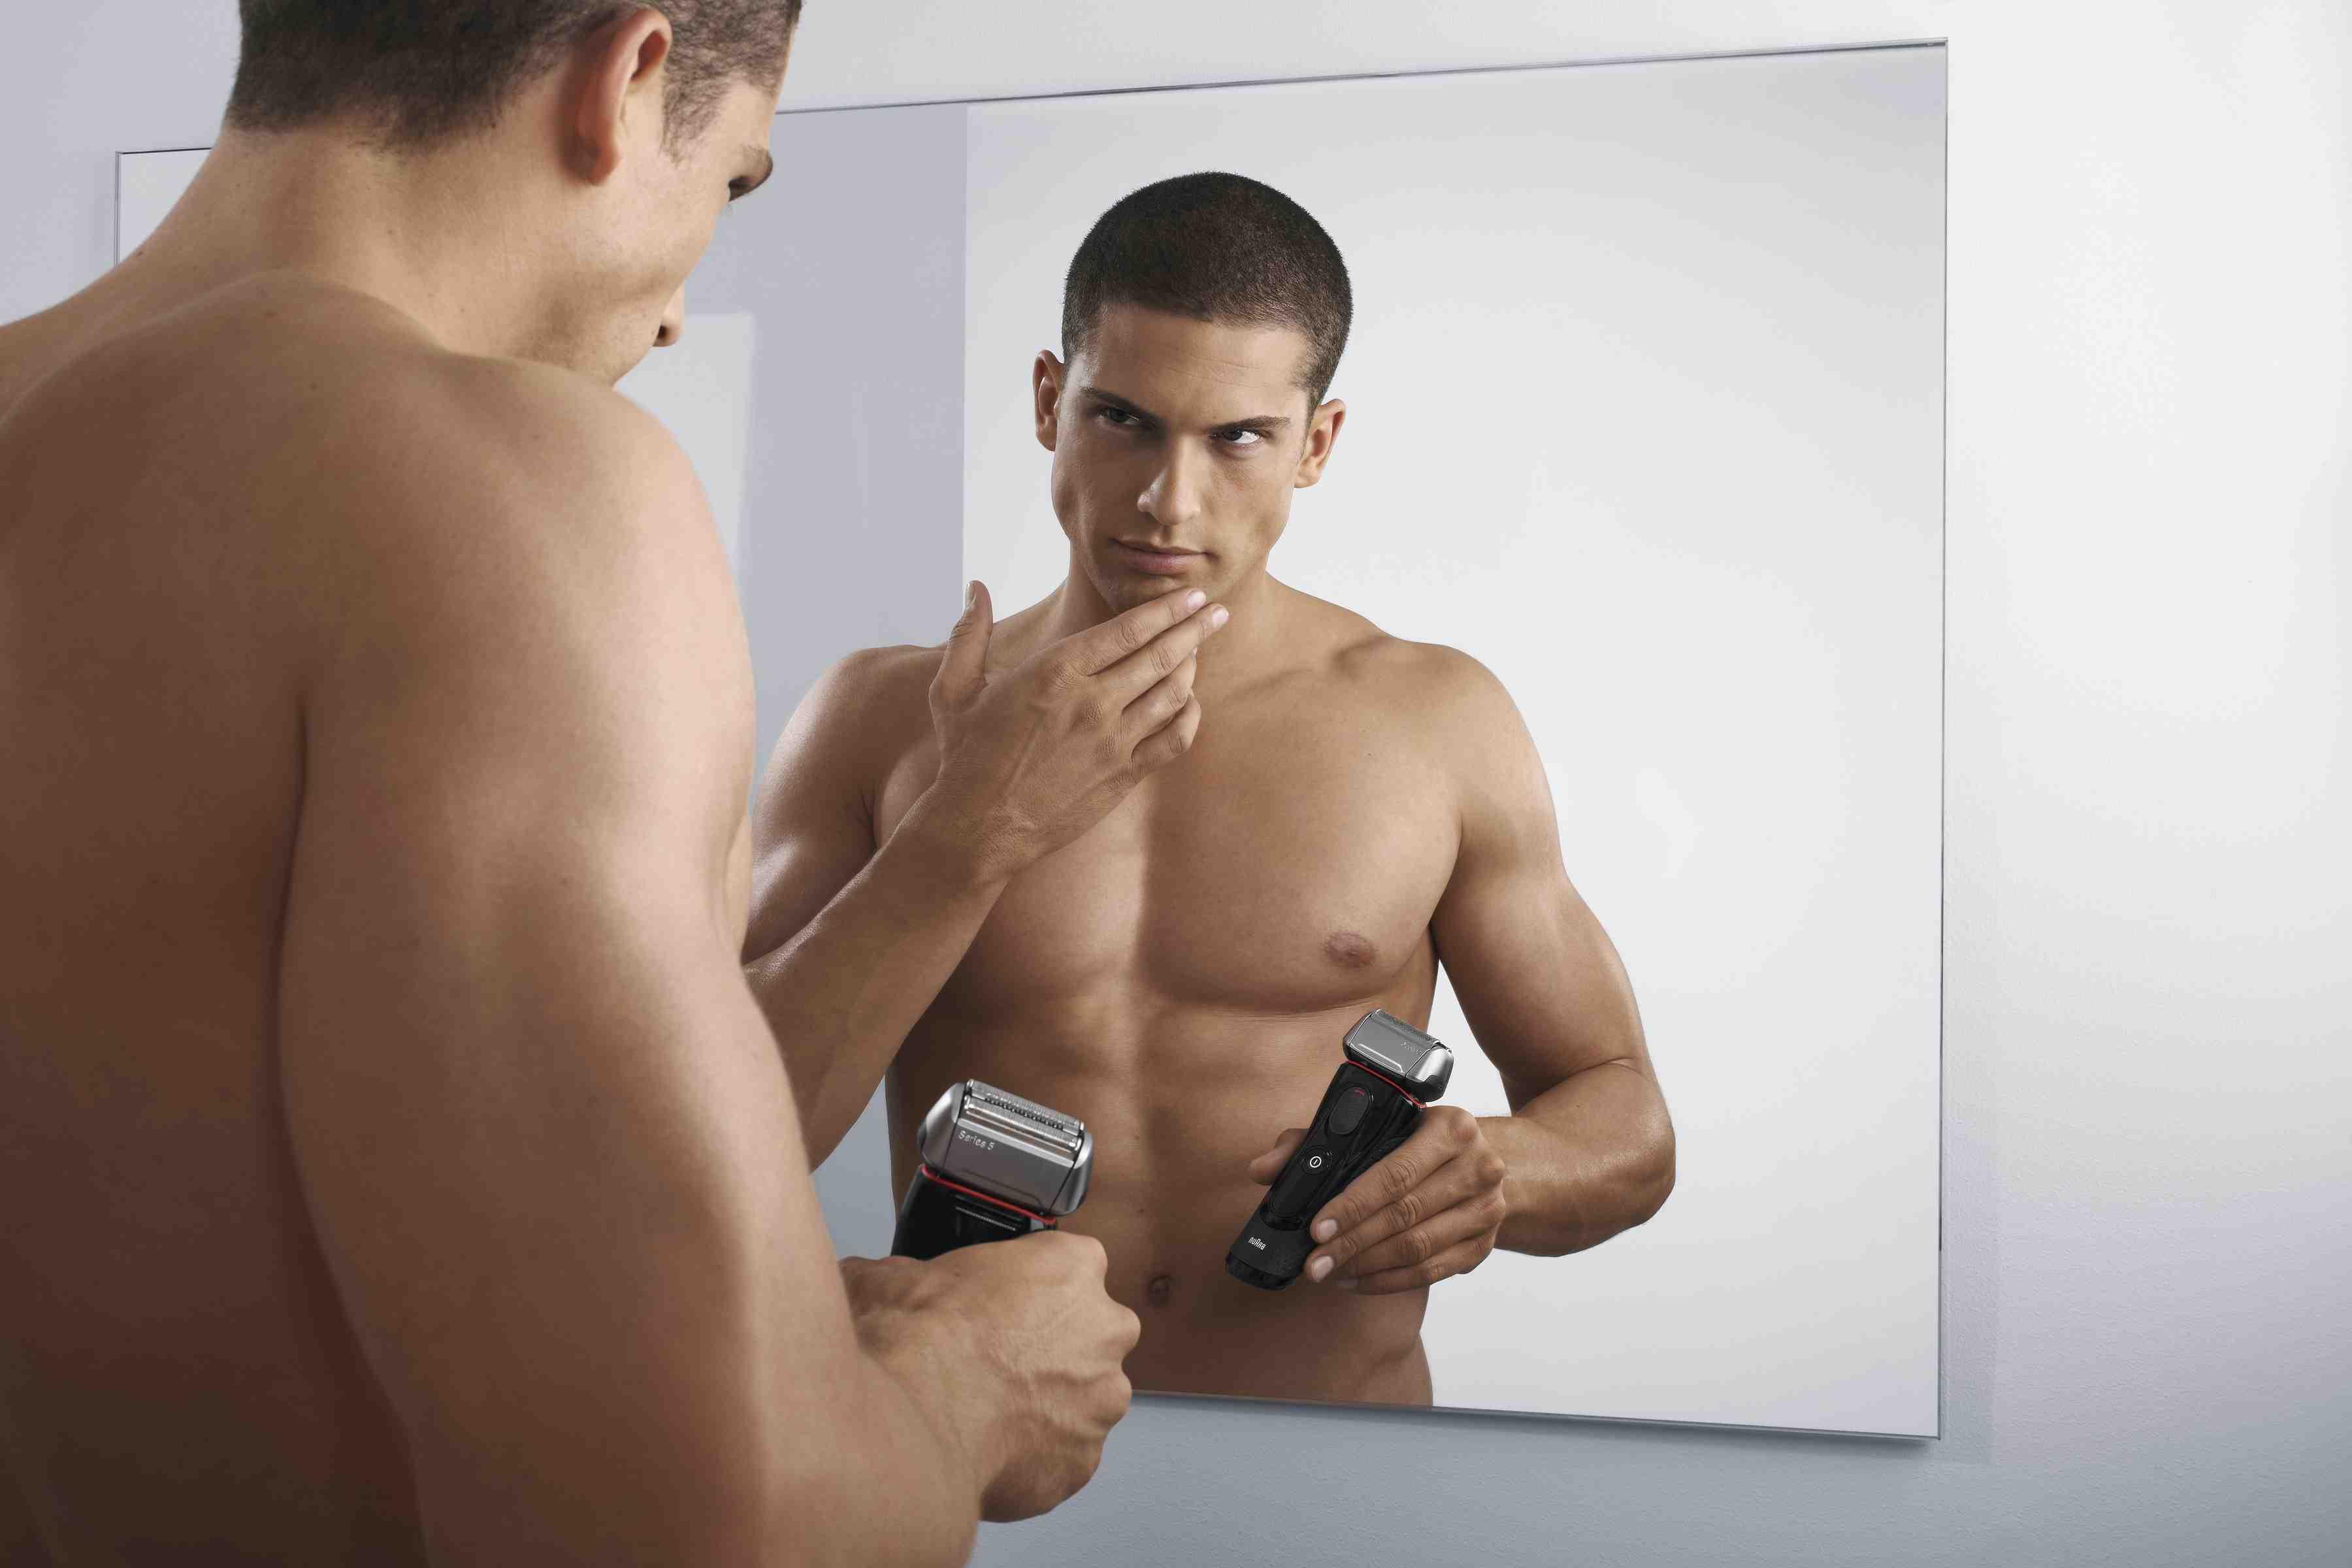 Comment bien se raser et avec quoi comment pr parer sa barbe au rasage - Comment utiliser un rasoir electrique ...